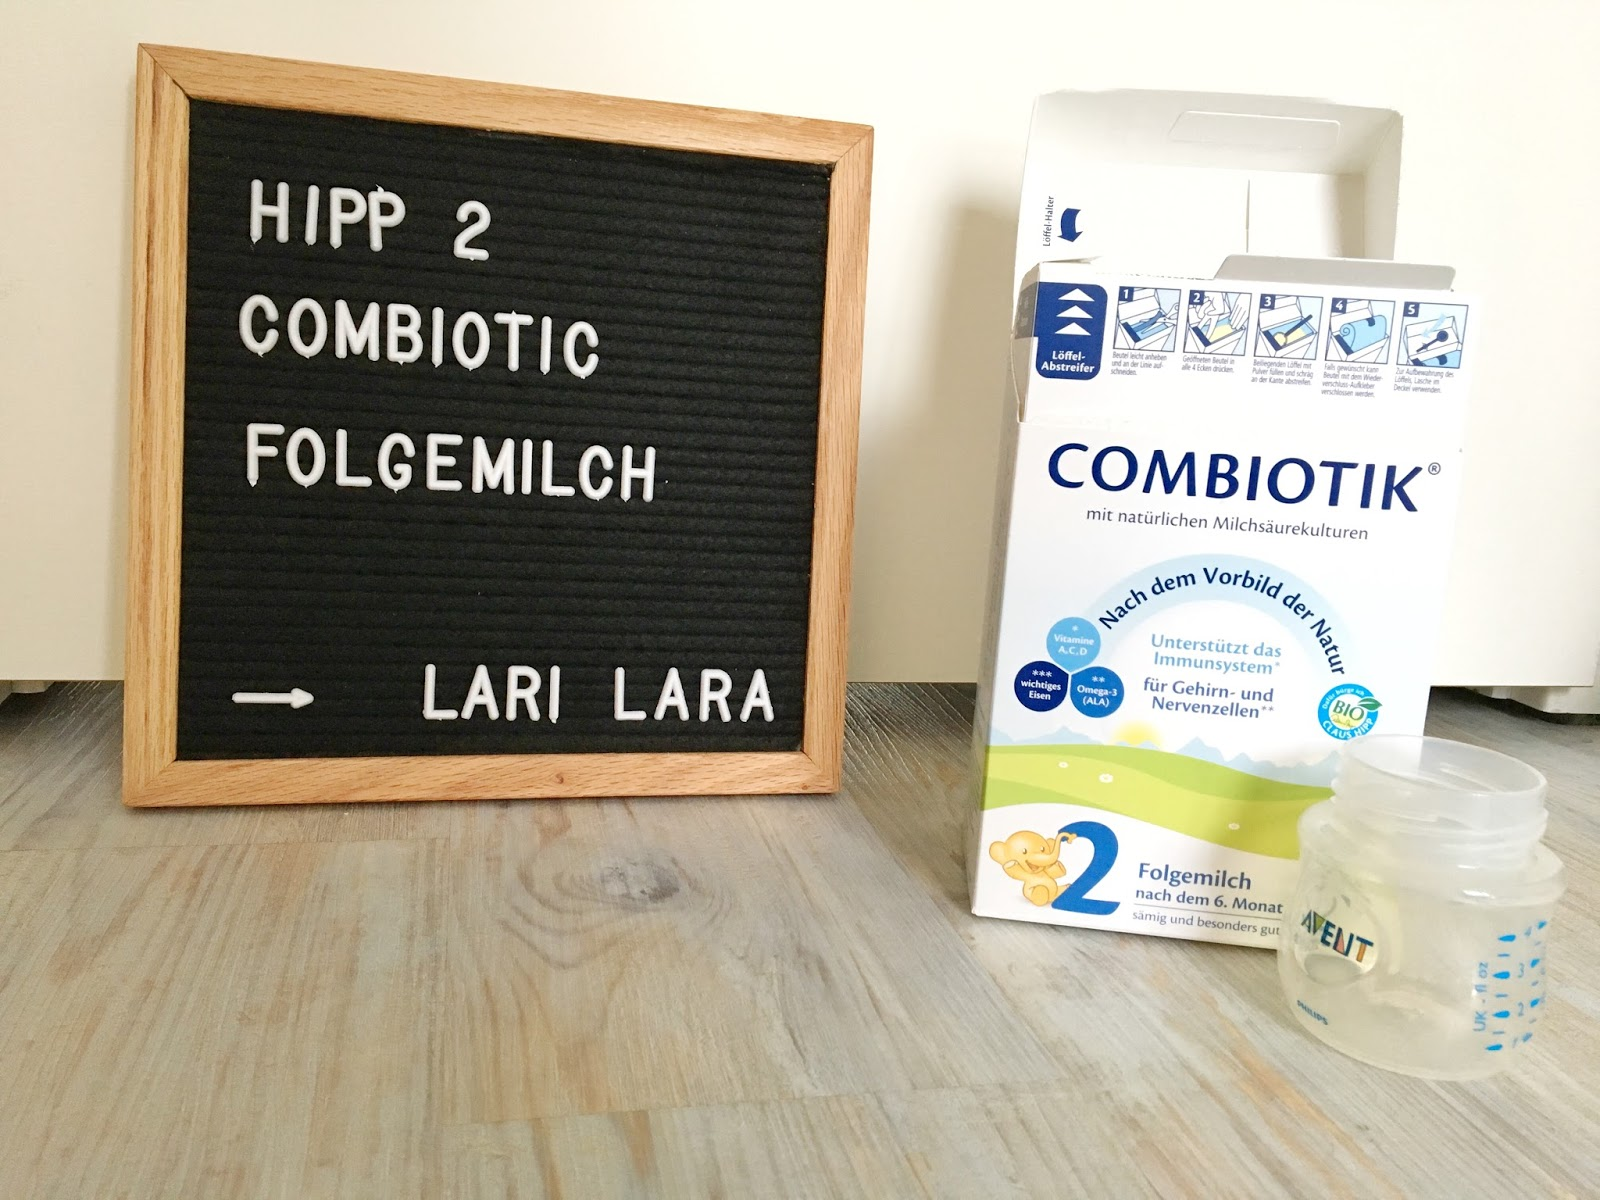 Babynahrung Hipp 2 Combiotic Folgemilch